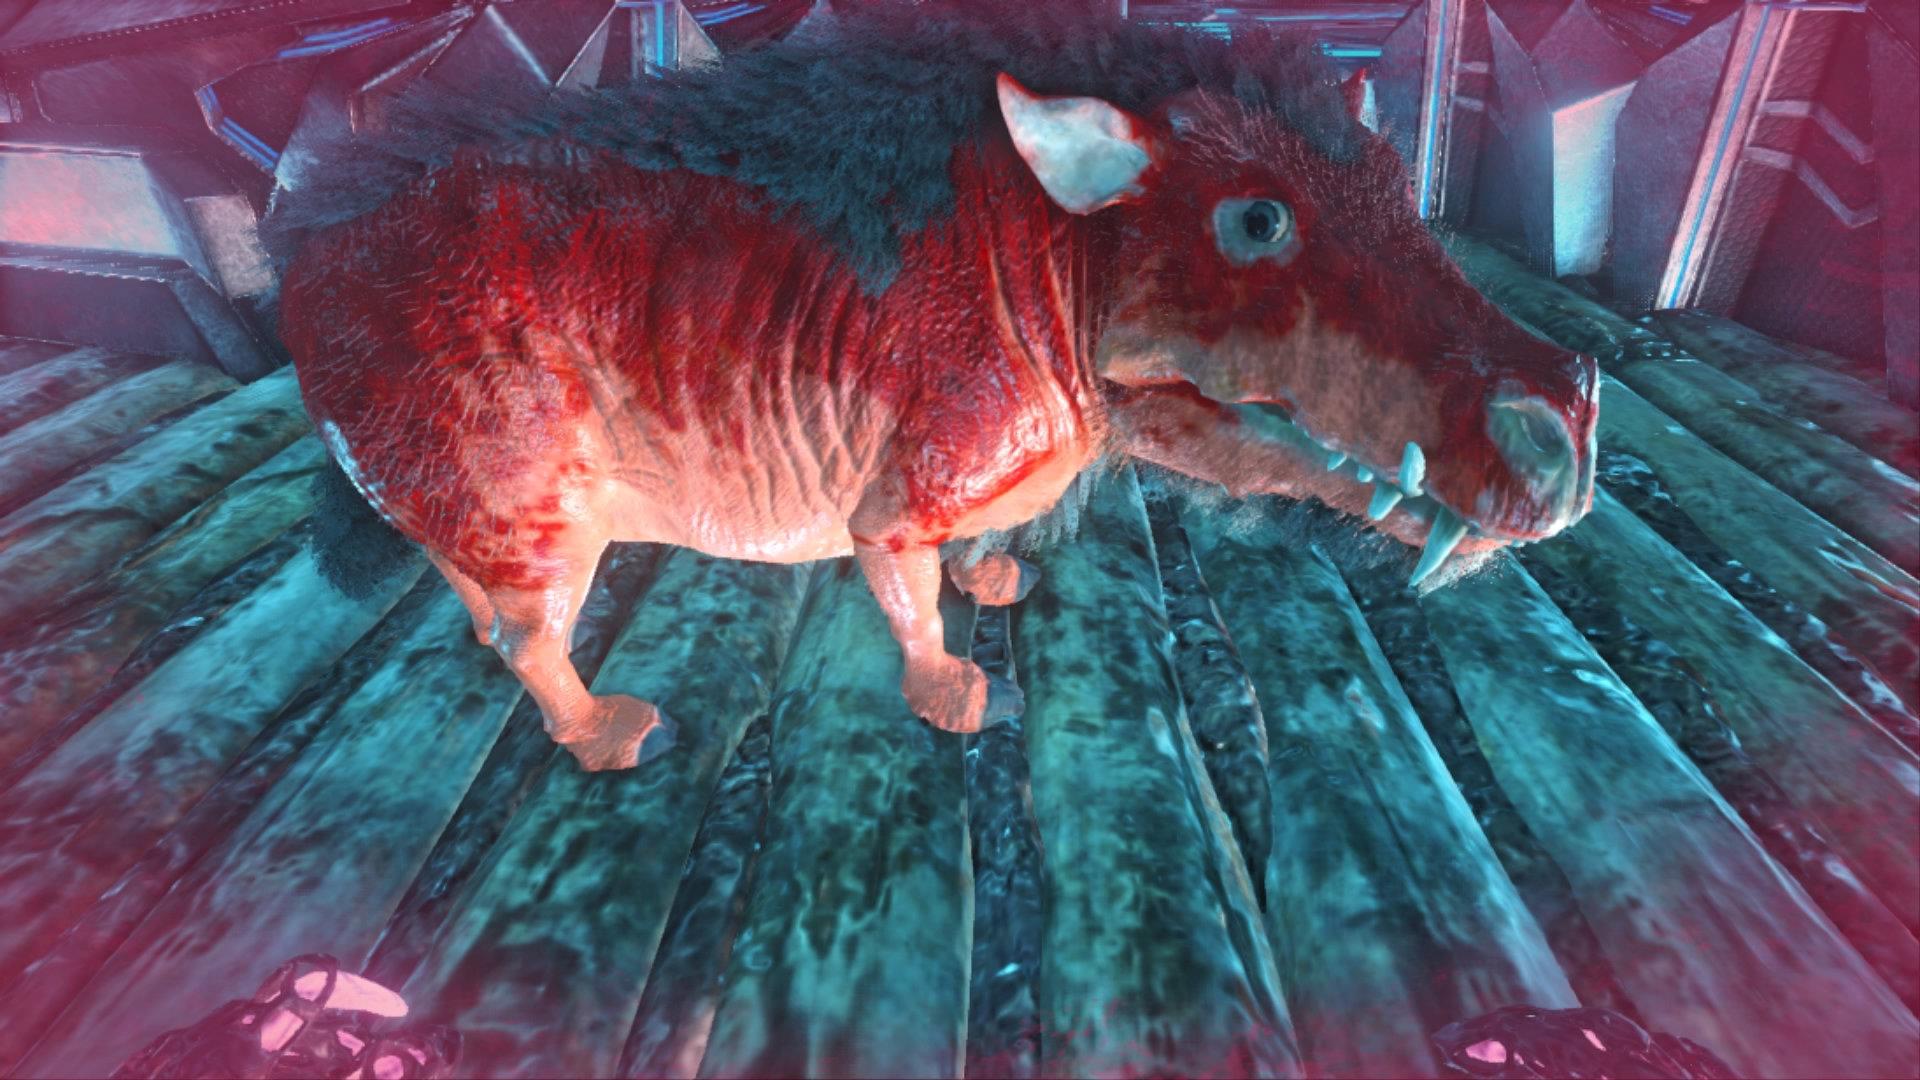 Grown Daeodon Top Stats Official Pvp Ps4 Arksales Org Dadurch heilen sich die tiere und umliegende kreaturen. ark sales